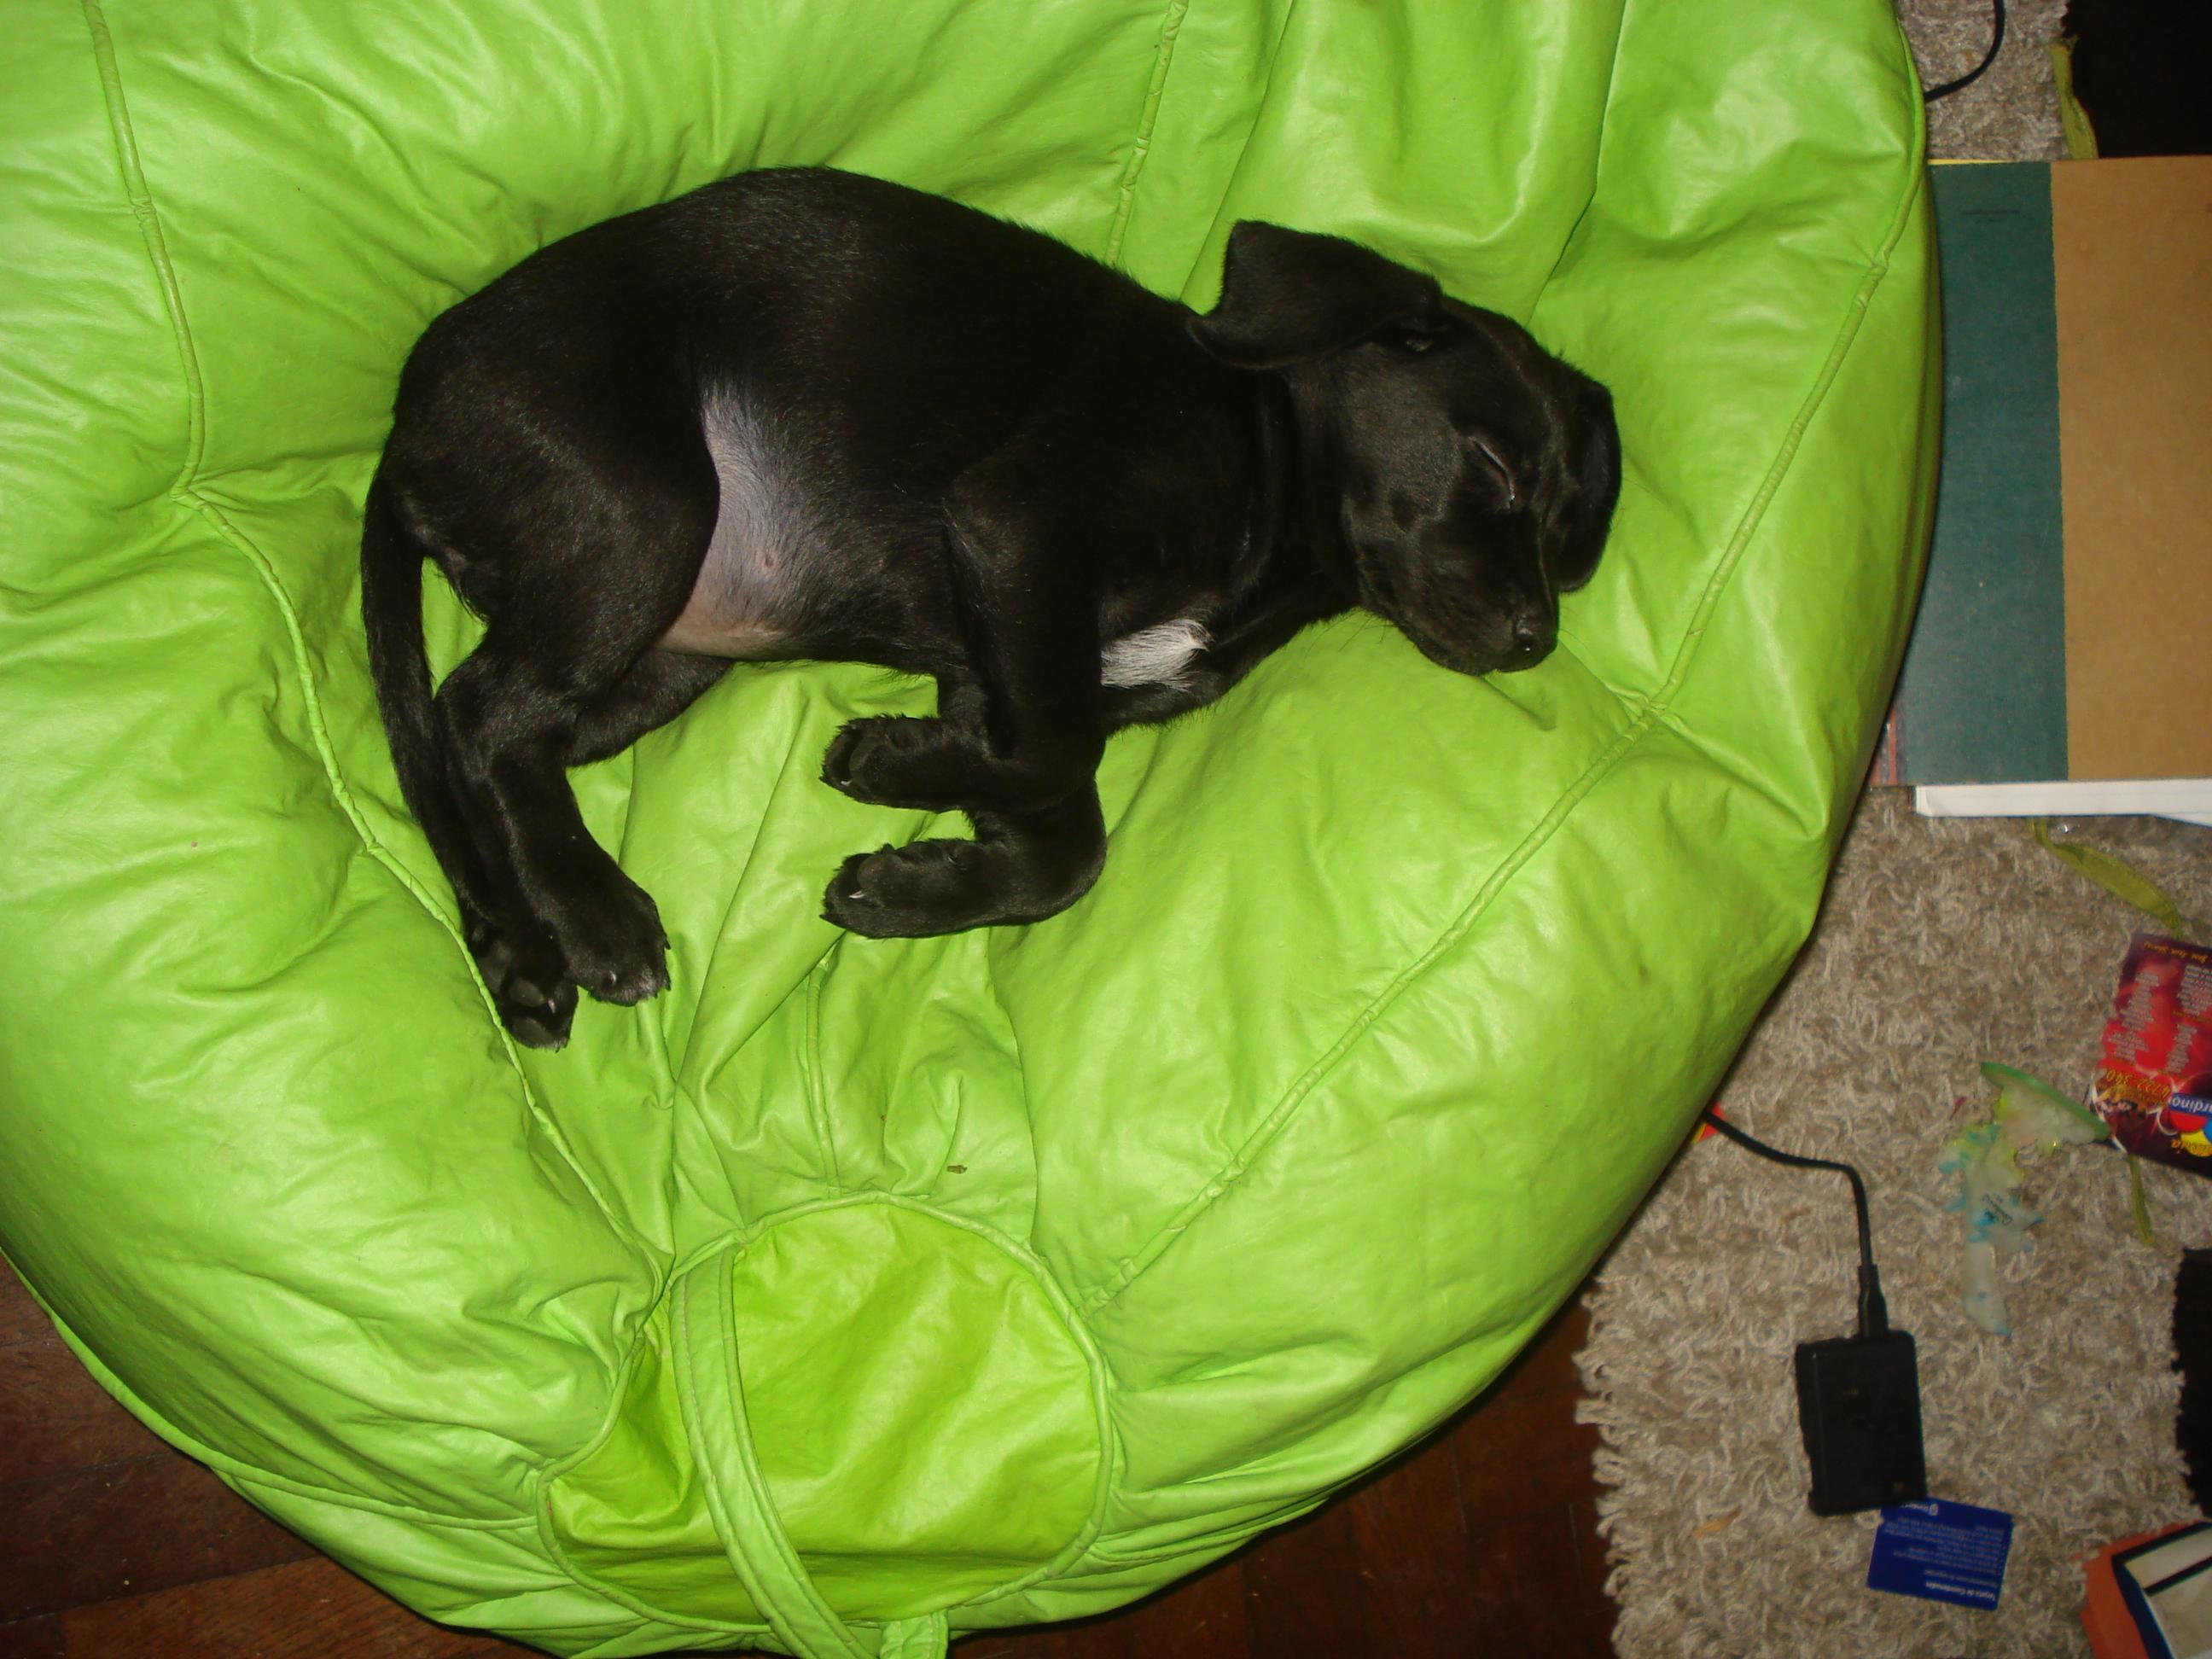 Black dog lying on back - photo#13